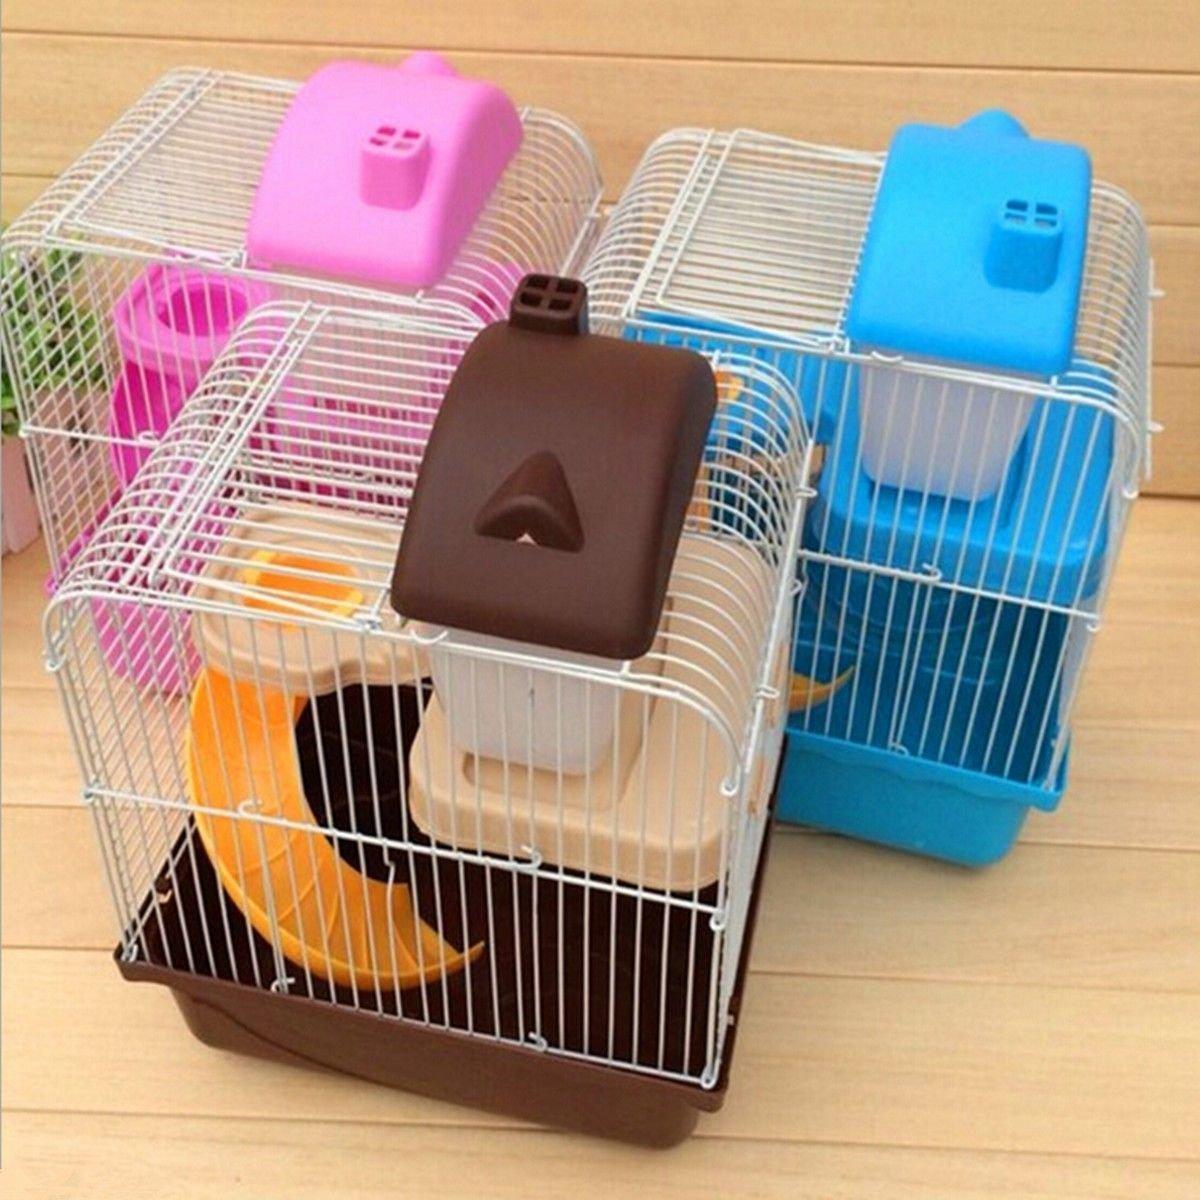 Generic yanhong-uk3–160104–1291yh5869yh Farbe: zufällige Small Pet Käfig Ebenen Flo Hot Hamster Hot hamst 2Etagen Ebenen Boden Mall Pet für Rennmaus Maus Rennmaus MO Wasser Flasche Rad Farbe: zufällige